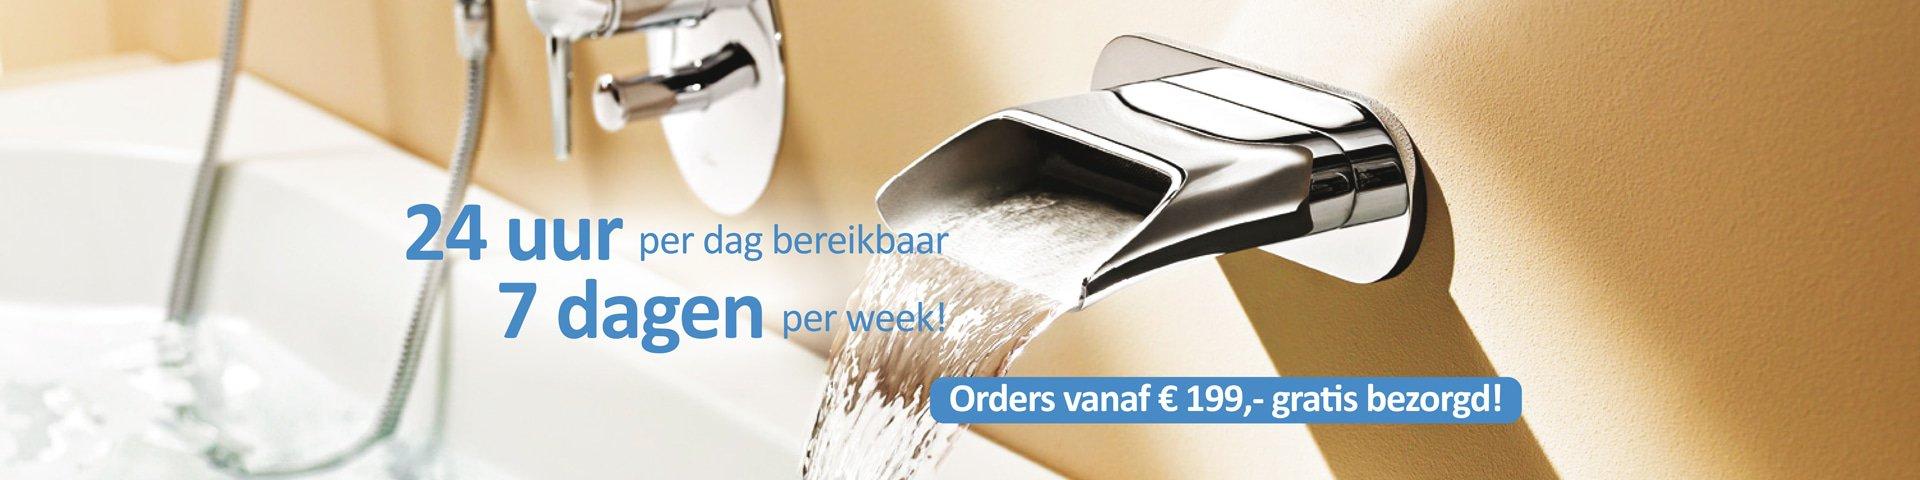 Orders vanaf € 199,- gratis bezorgd!